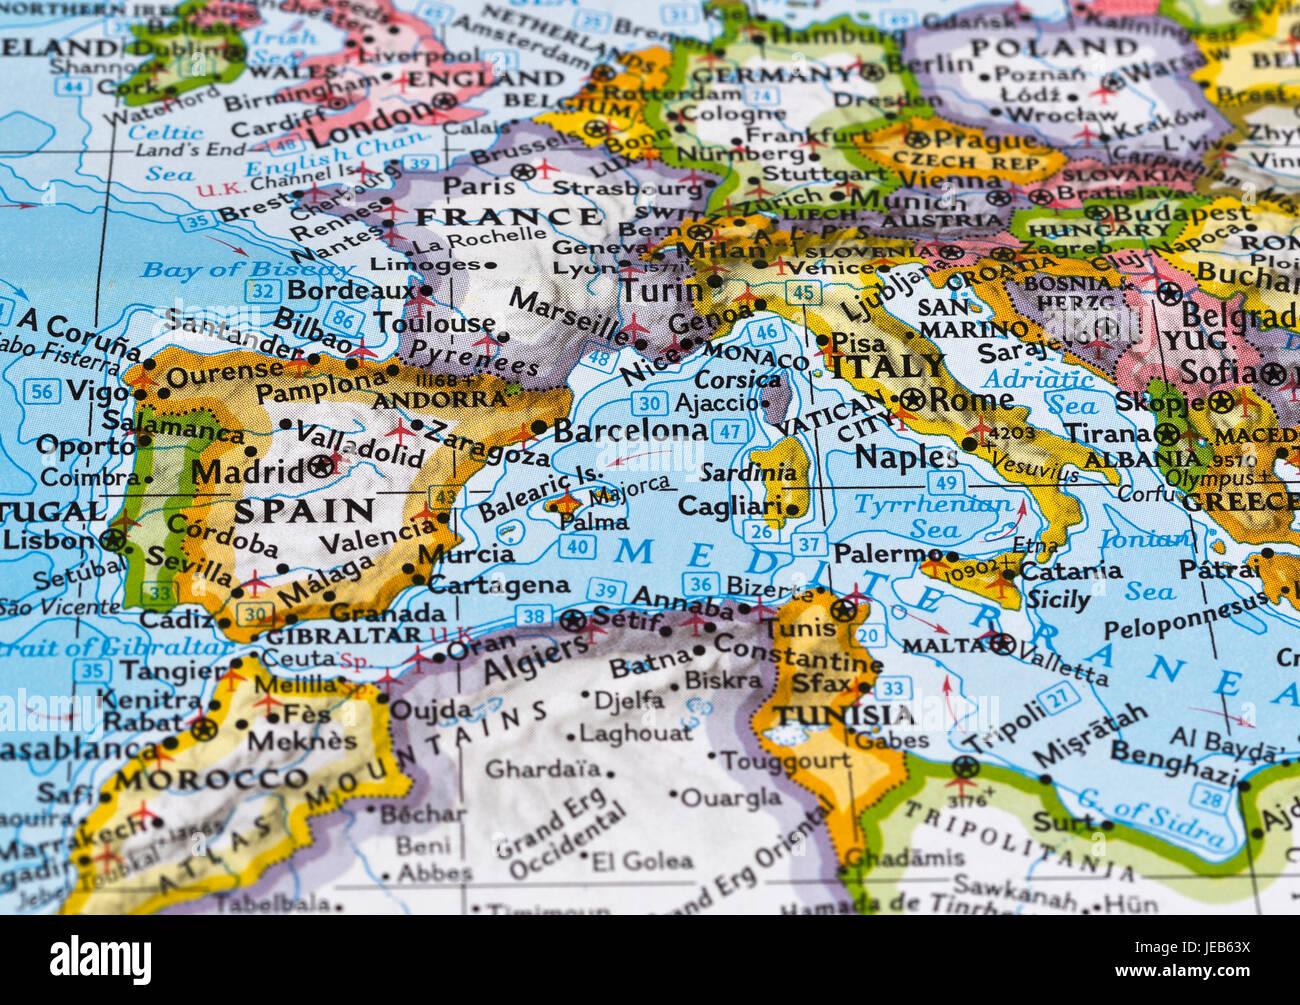 Cartina Francia Sud Dettagliata.Mappa Dettagliata Dell Europa Meridionale Foto Stock Alamy